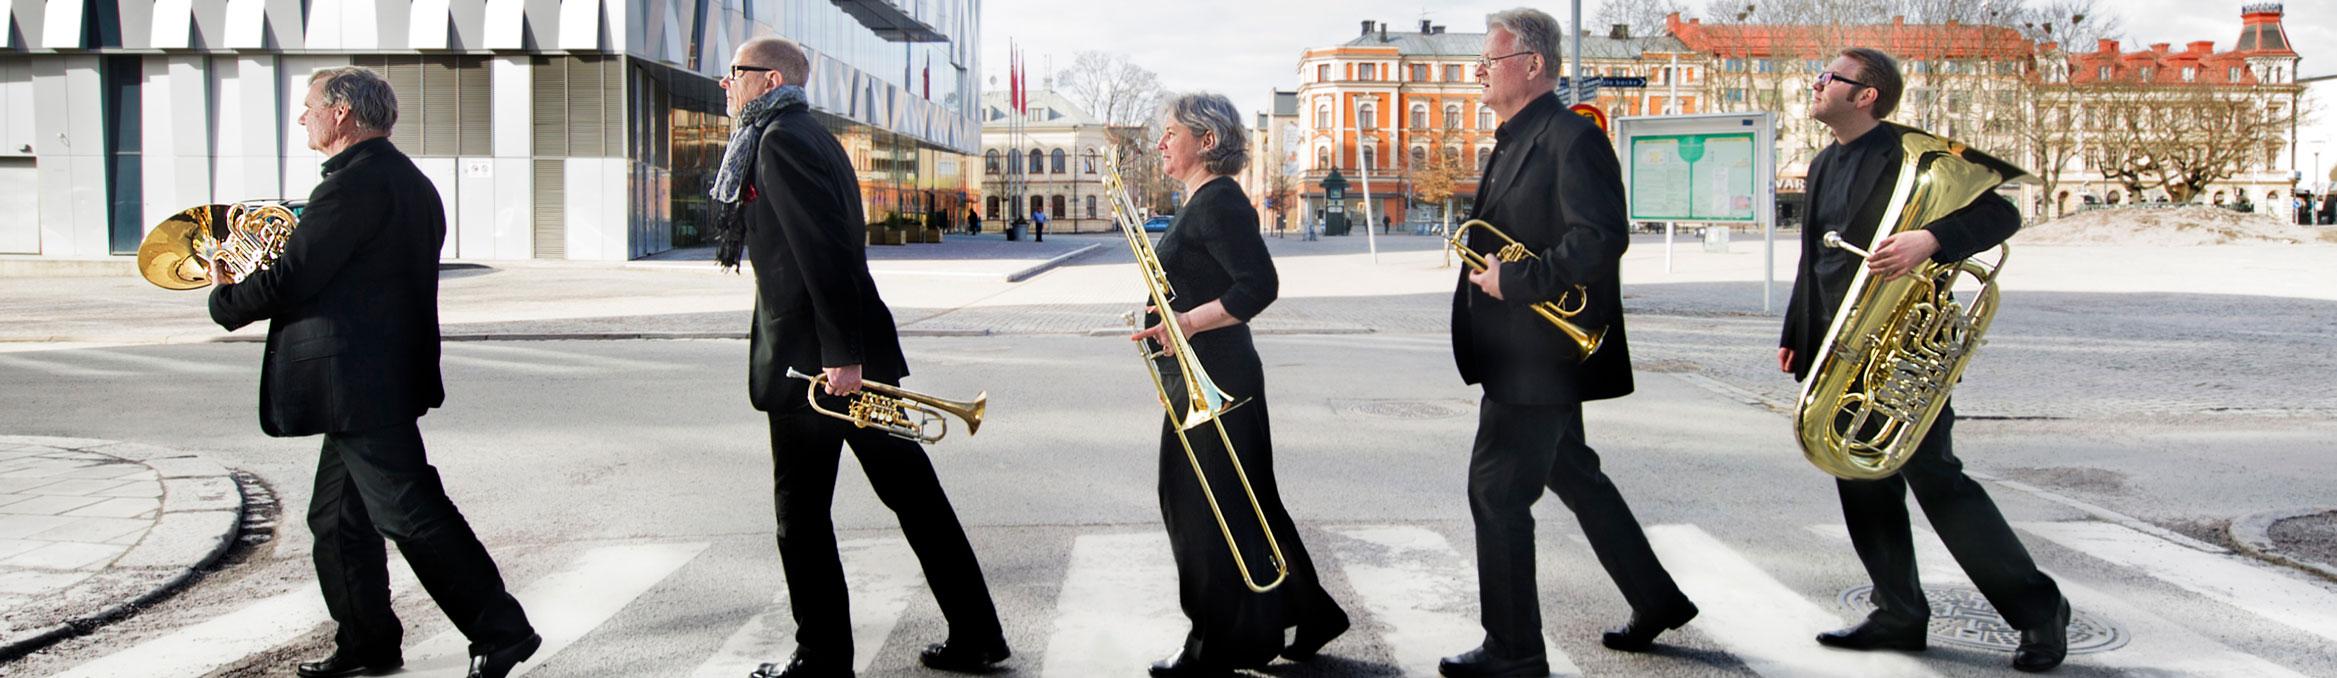 Linnékvintetten gåendes över övergångsställe med sina instrument i händerna.